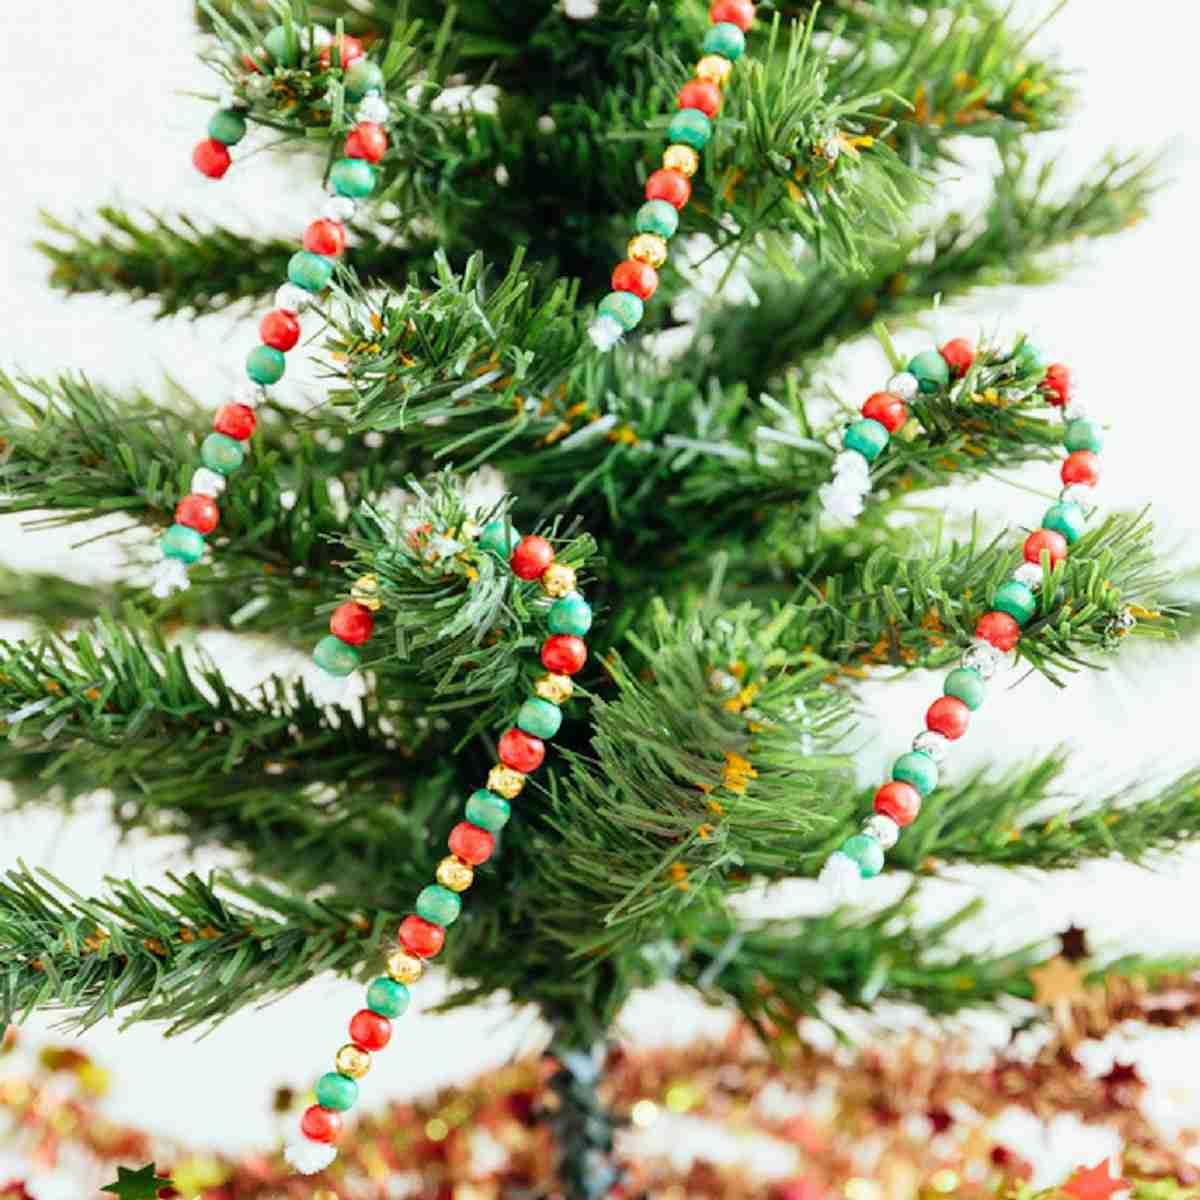 Manualidades de Navidad para decorar la casa 7